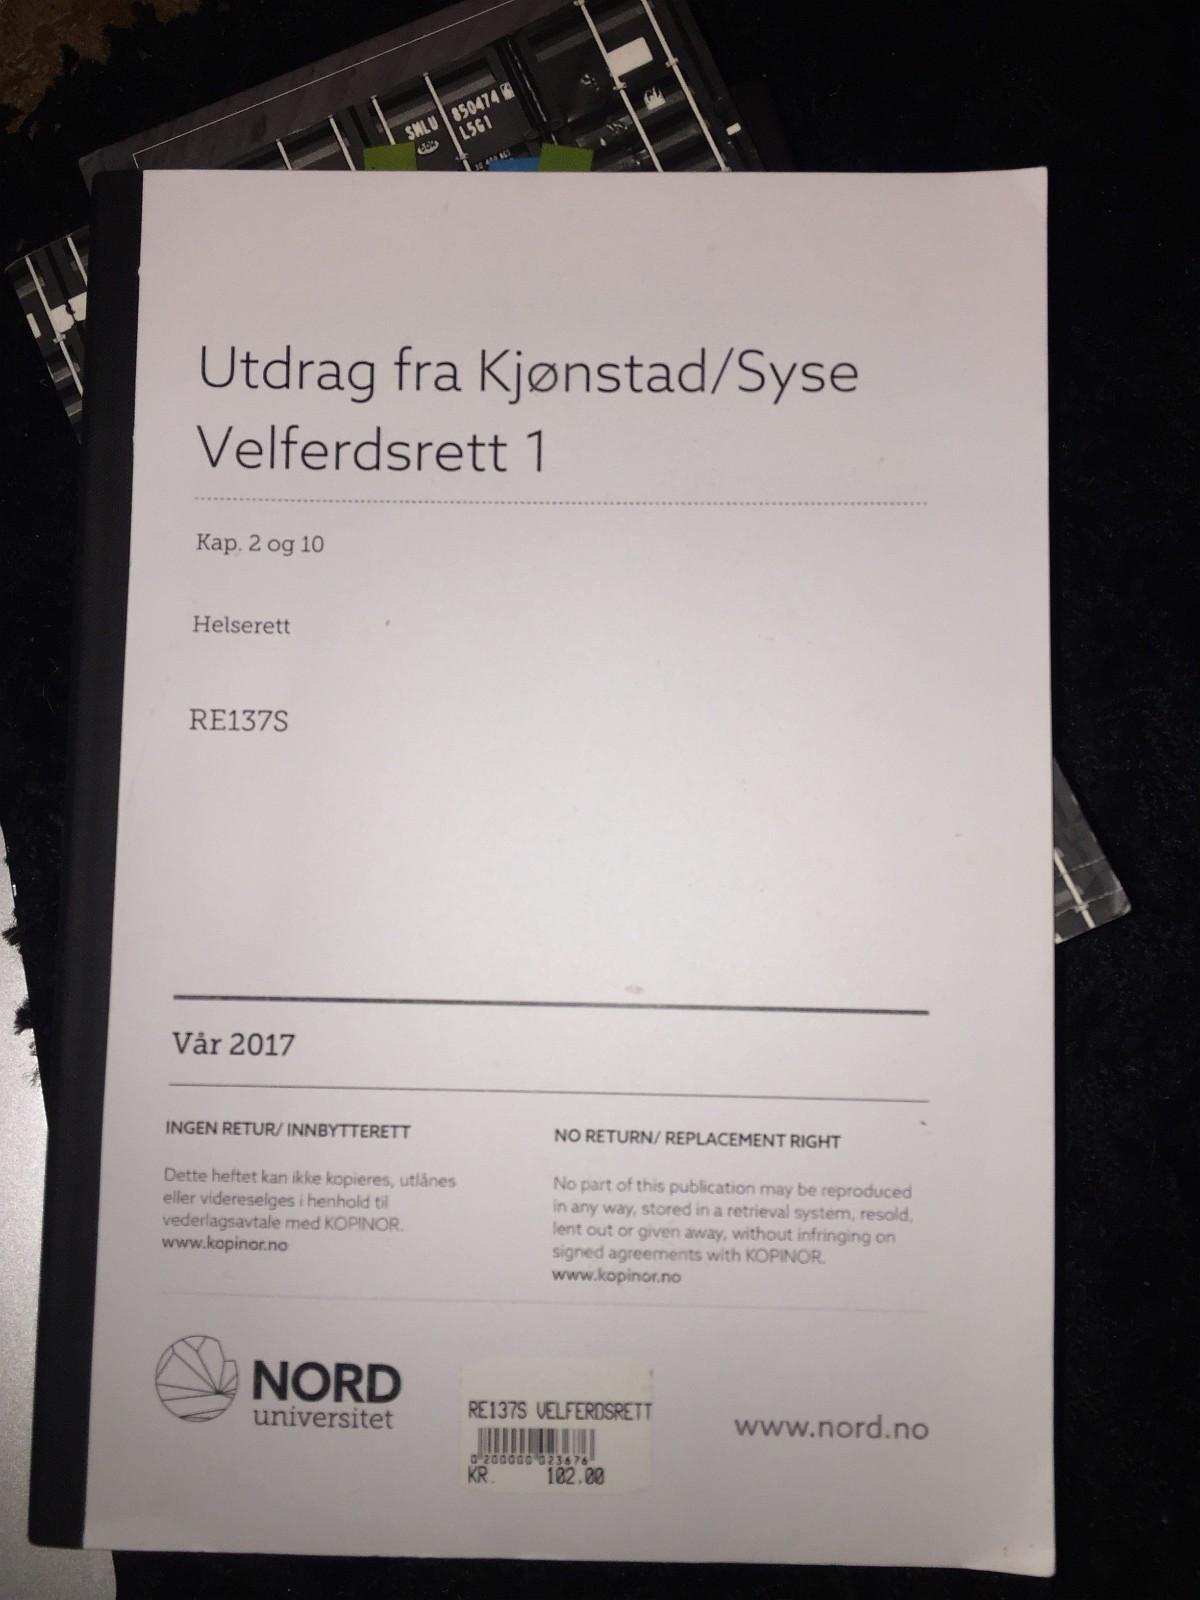 Utdrag fra Kjønstad/Syse Velferdsrett1 - Nordby  - Har et utdrag fra kapittel 2 og 10 i velferdsrett av Kjønstad og Syse, som gis bort. Noe markeringer, men i god stand. Sender mot at du betaler porto! - Nordby